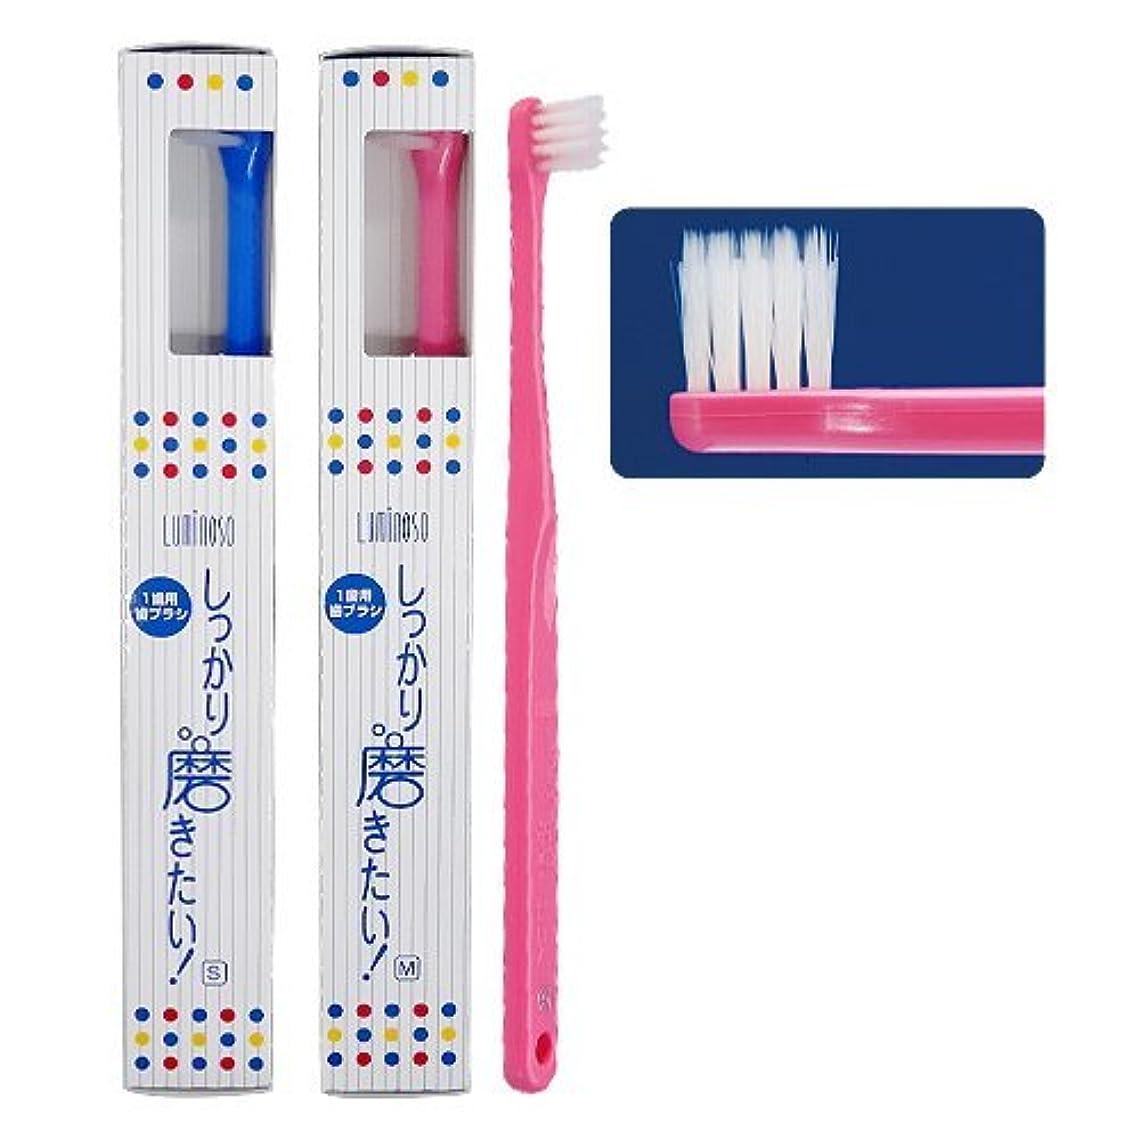 周りフィードオン協定ルミノソ 1歯用歯ブラシ「しっかり磨きたい!」スタンダード ソフト (カラー指定不可) 10本